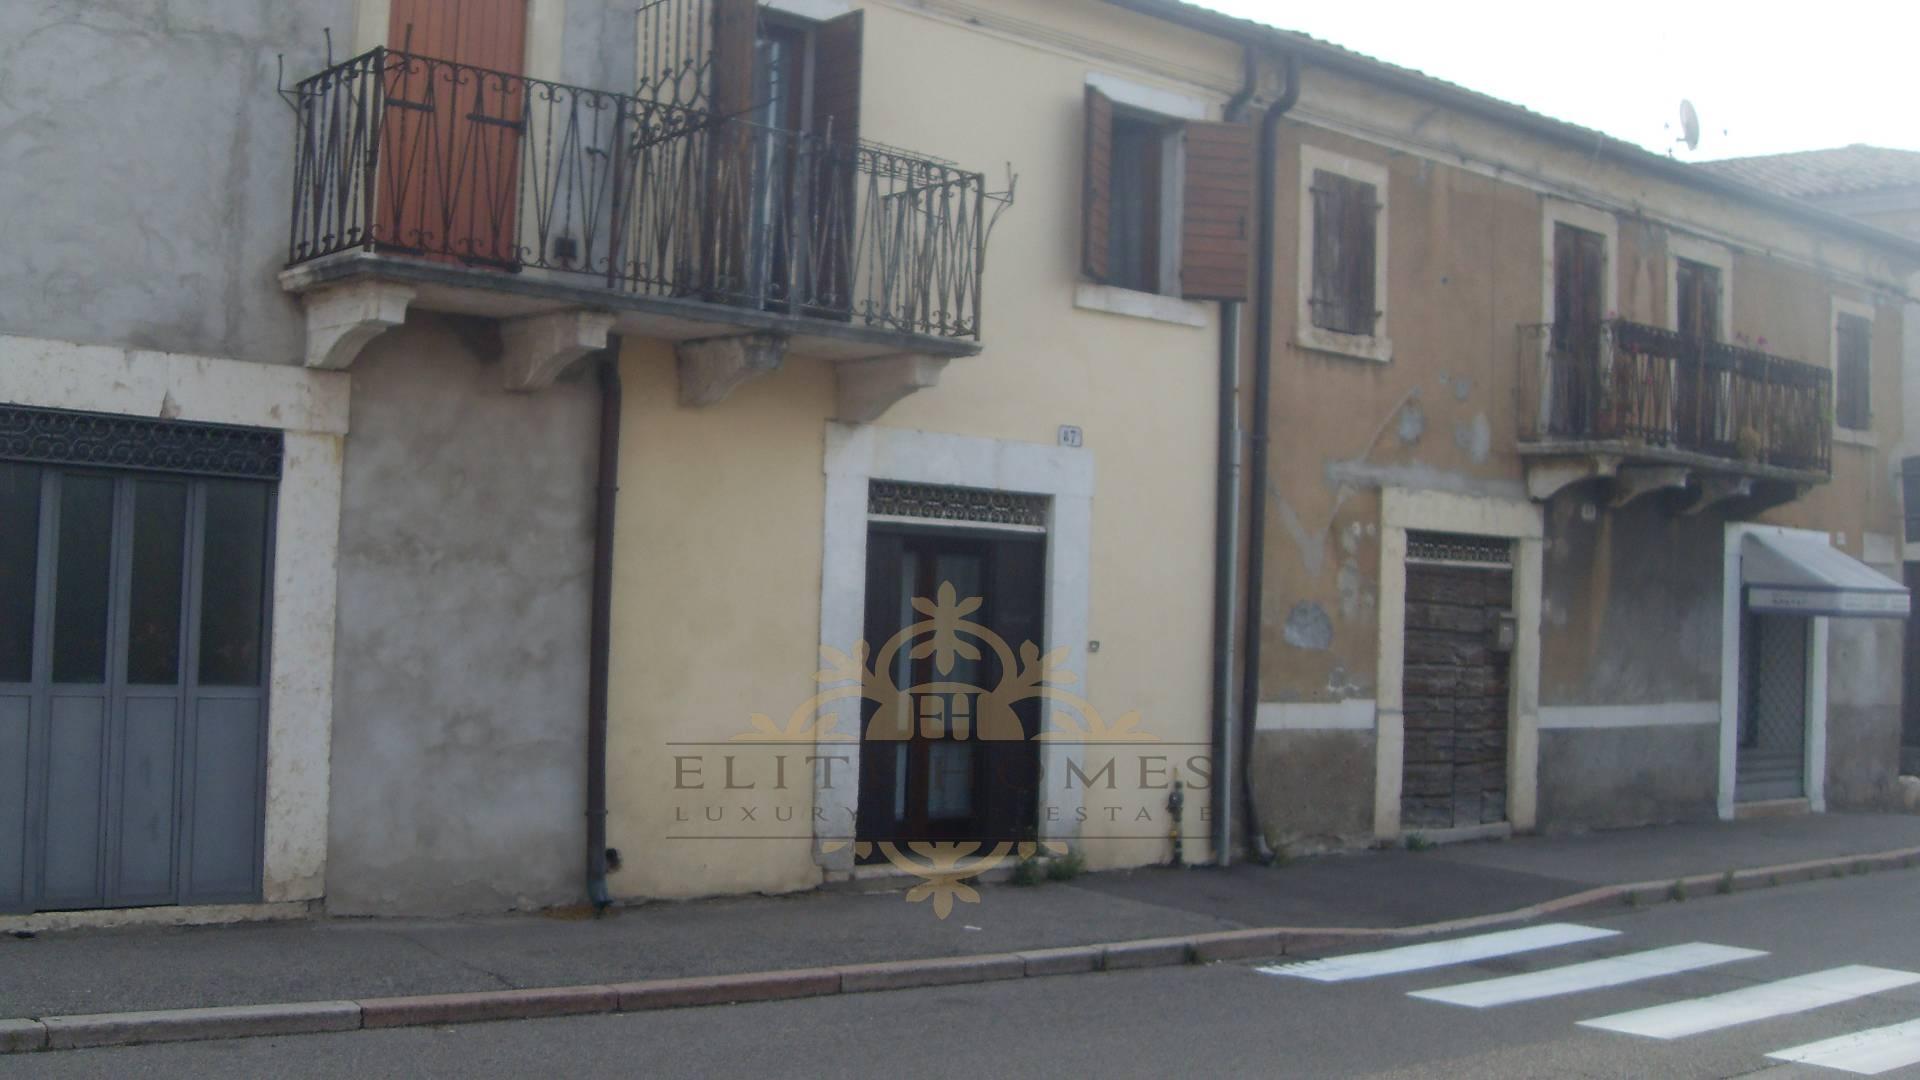 Rustico / Casale in vendita a Verona, 4 locali, zona Località: SanMichele, prezzo € 130.000 | Cambio Casa.it